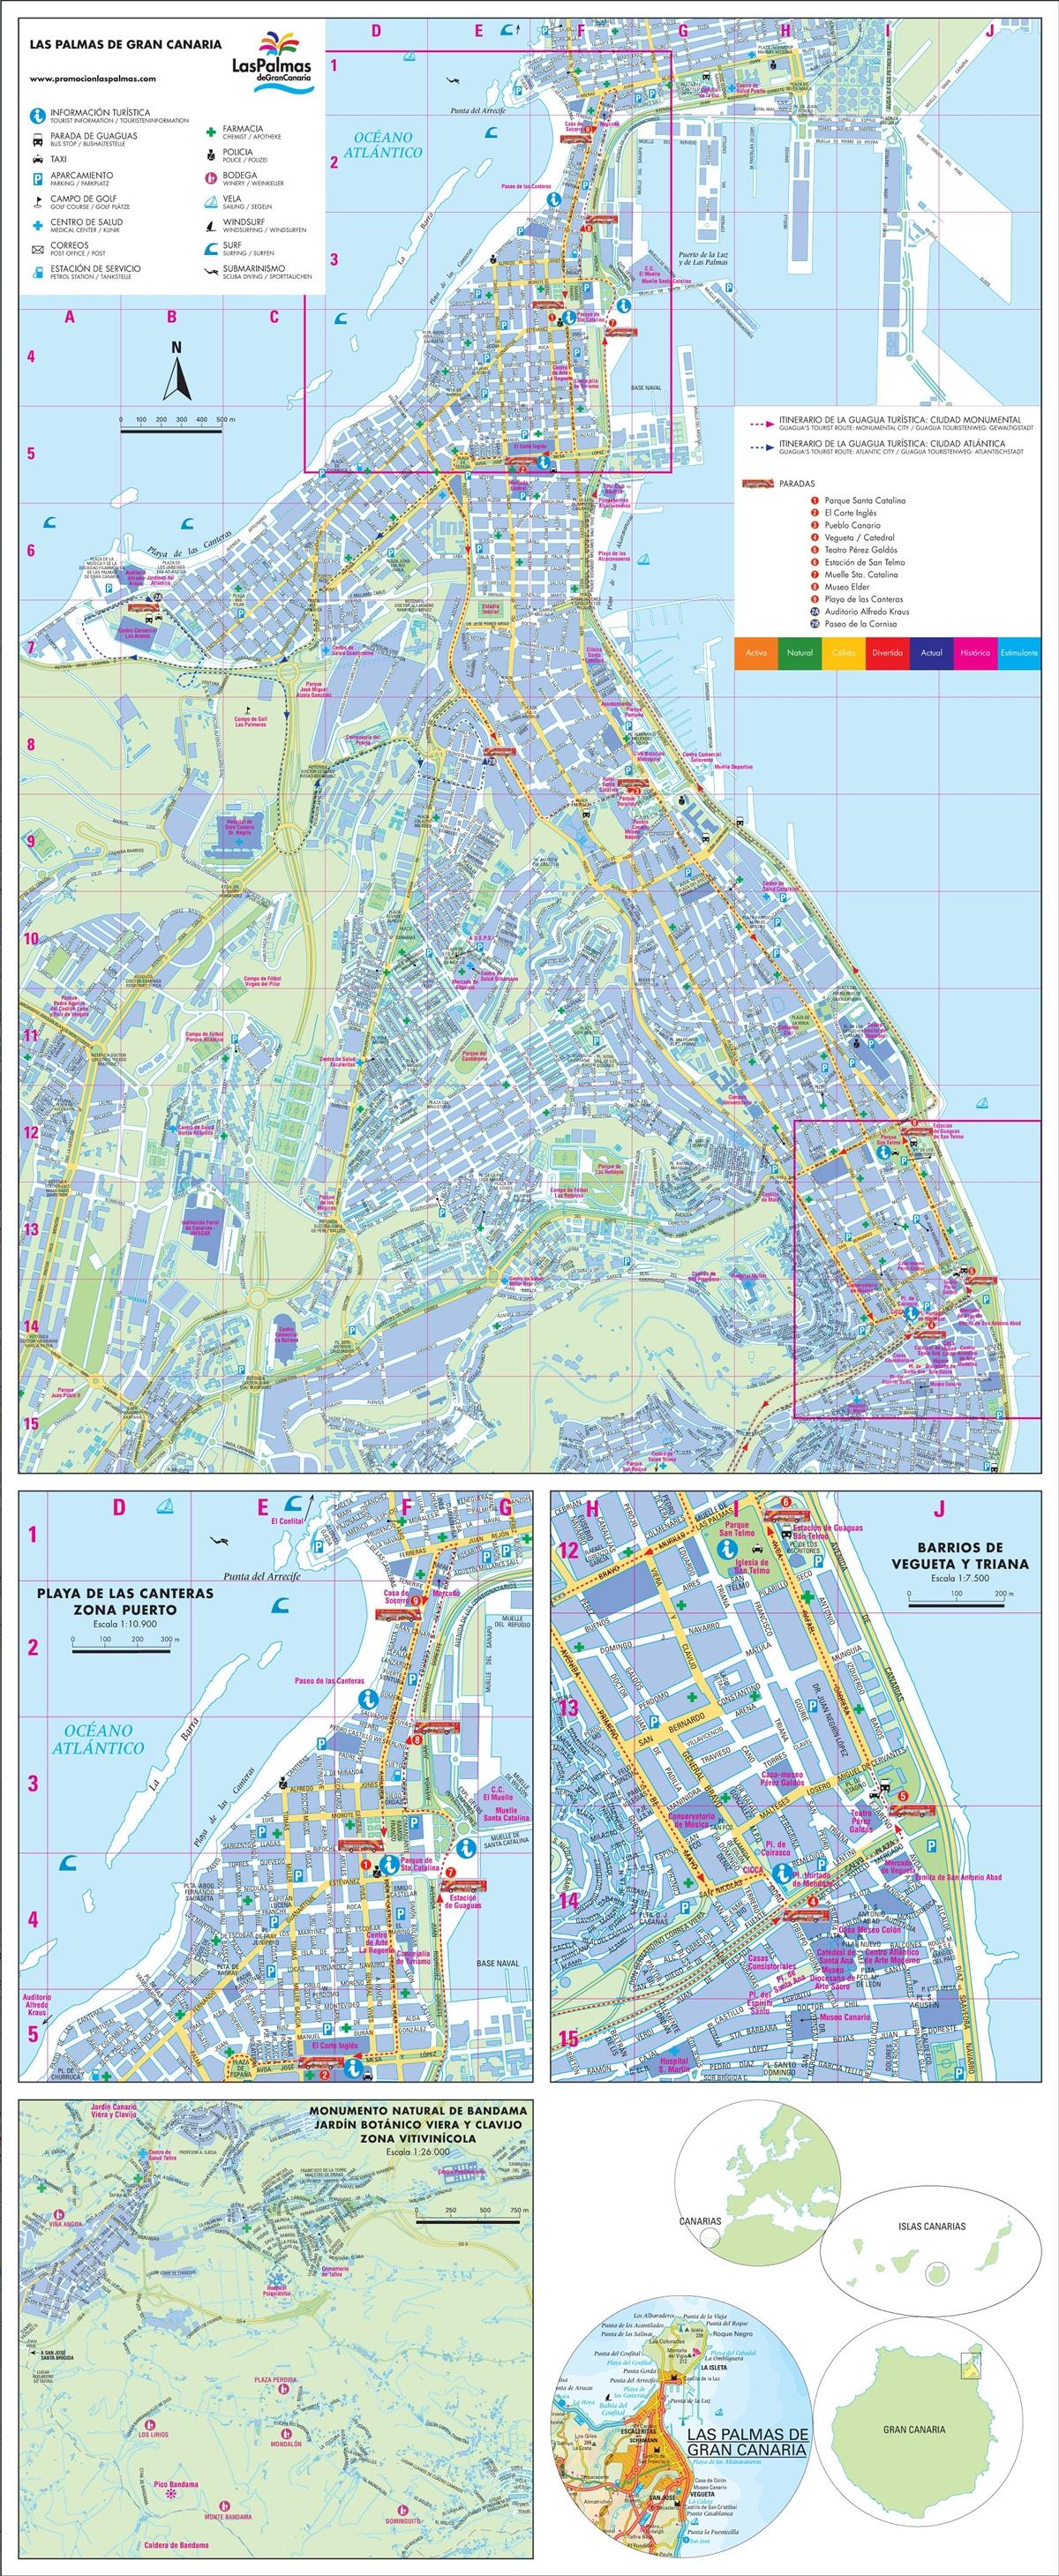 Las Palmas tourist map 2010